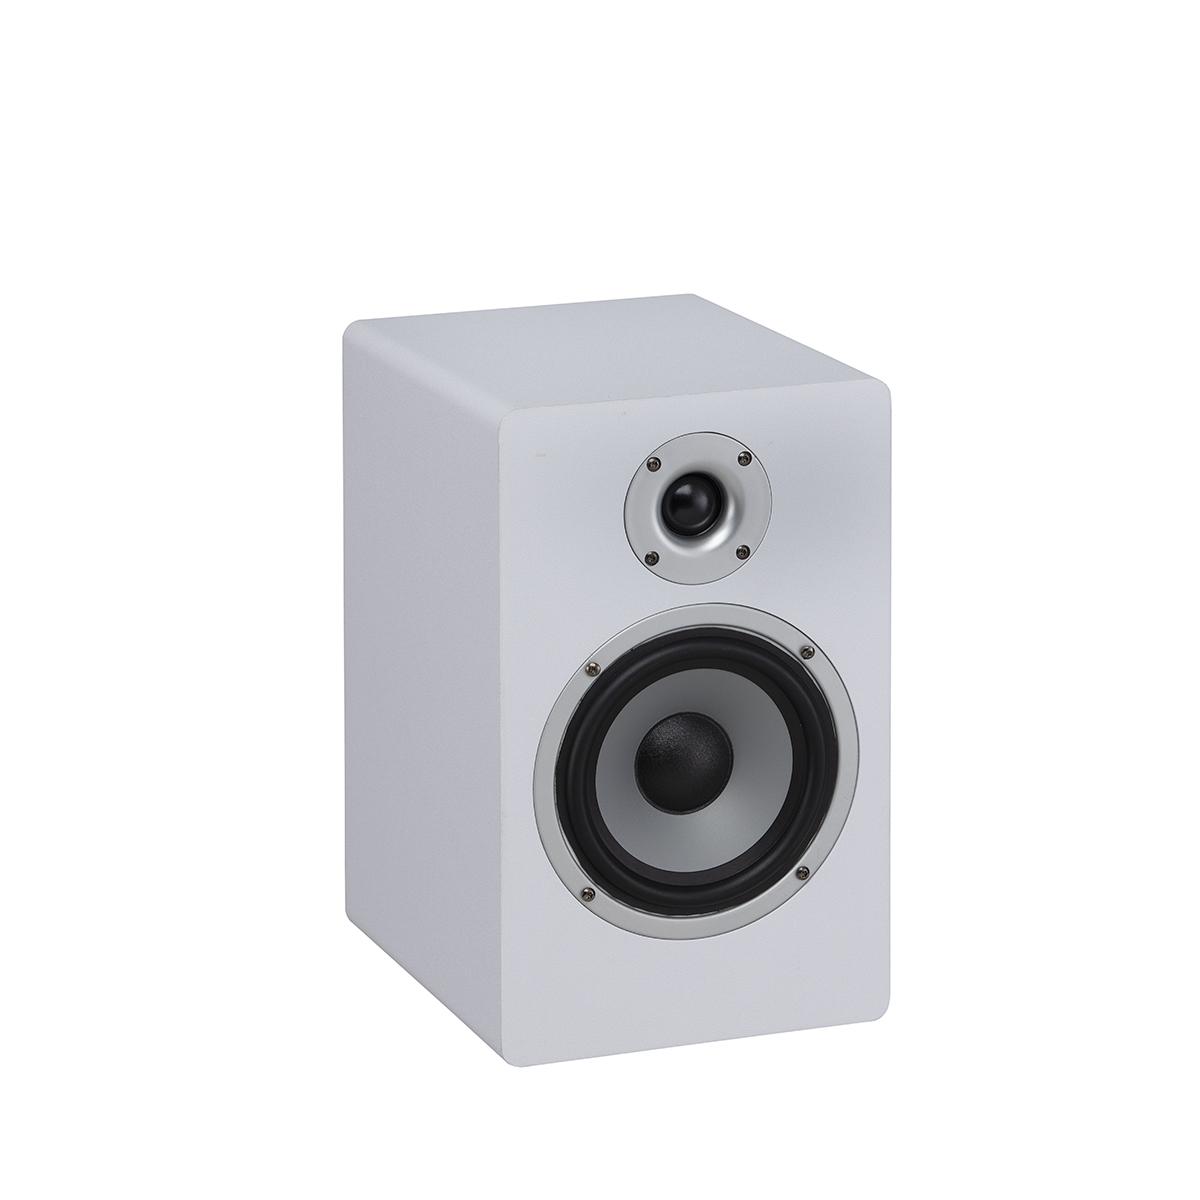 STUDIO MONITOR SOUNDSATION CLARITY A5 WHITE 5